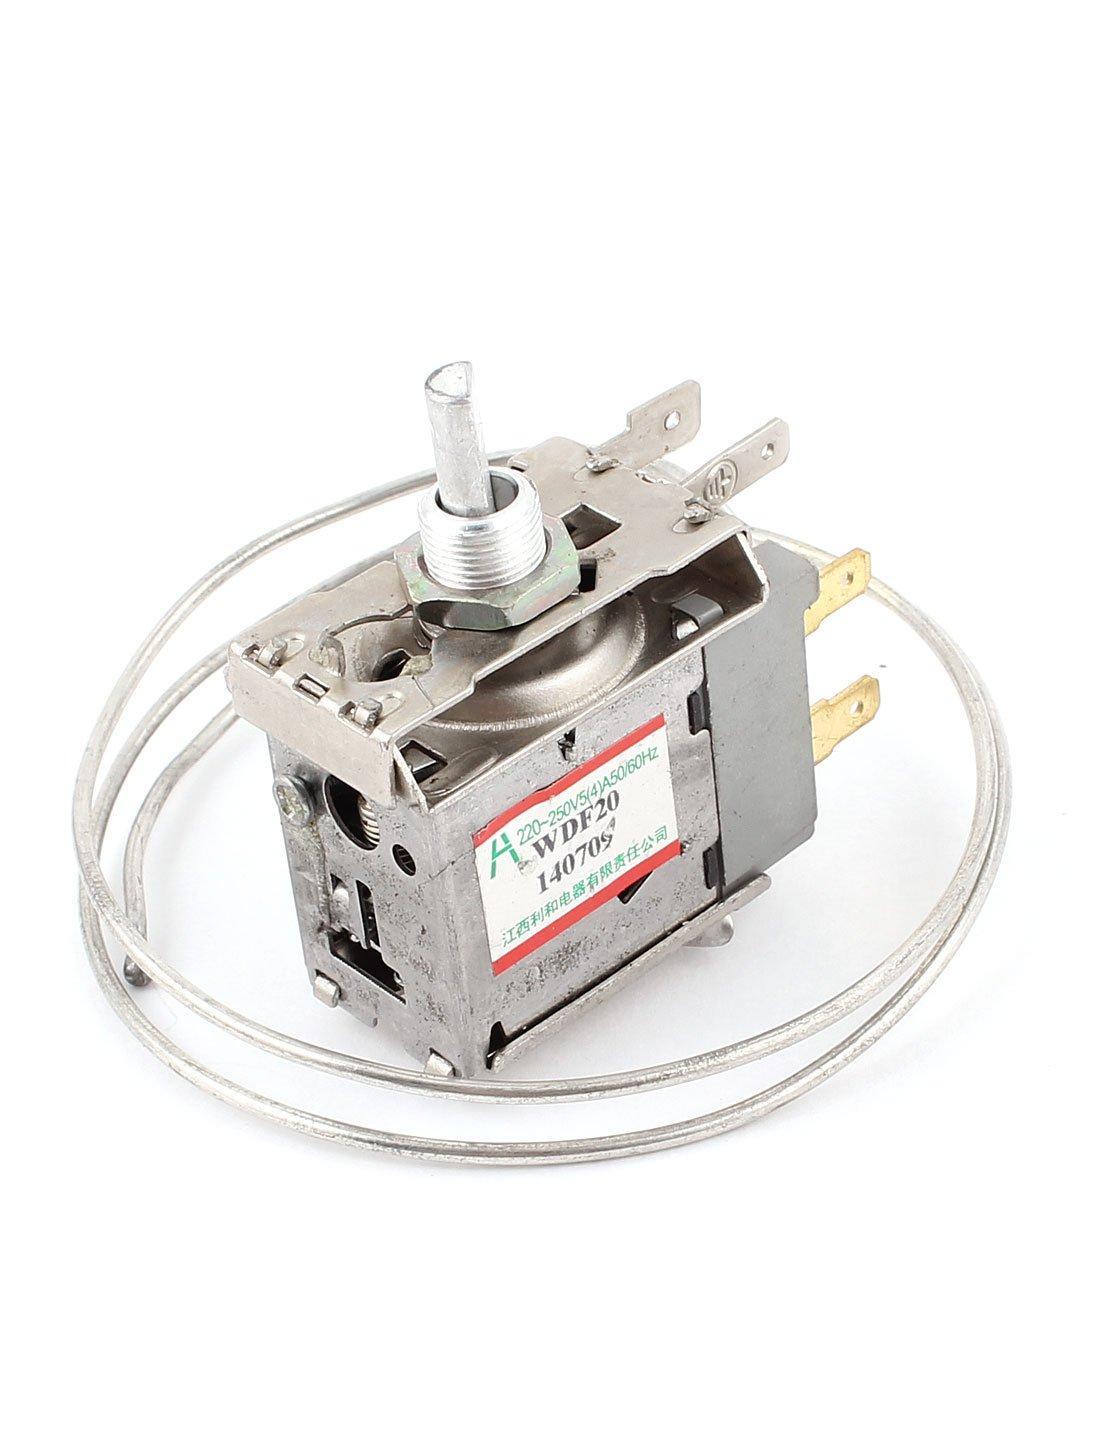 WDF20 y 3 clavijas para 68 cm Metal cable para nevera congelador para frigor/íficos termostato